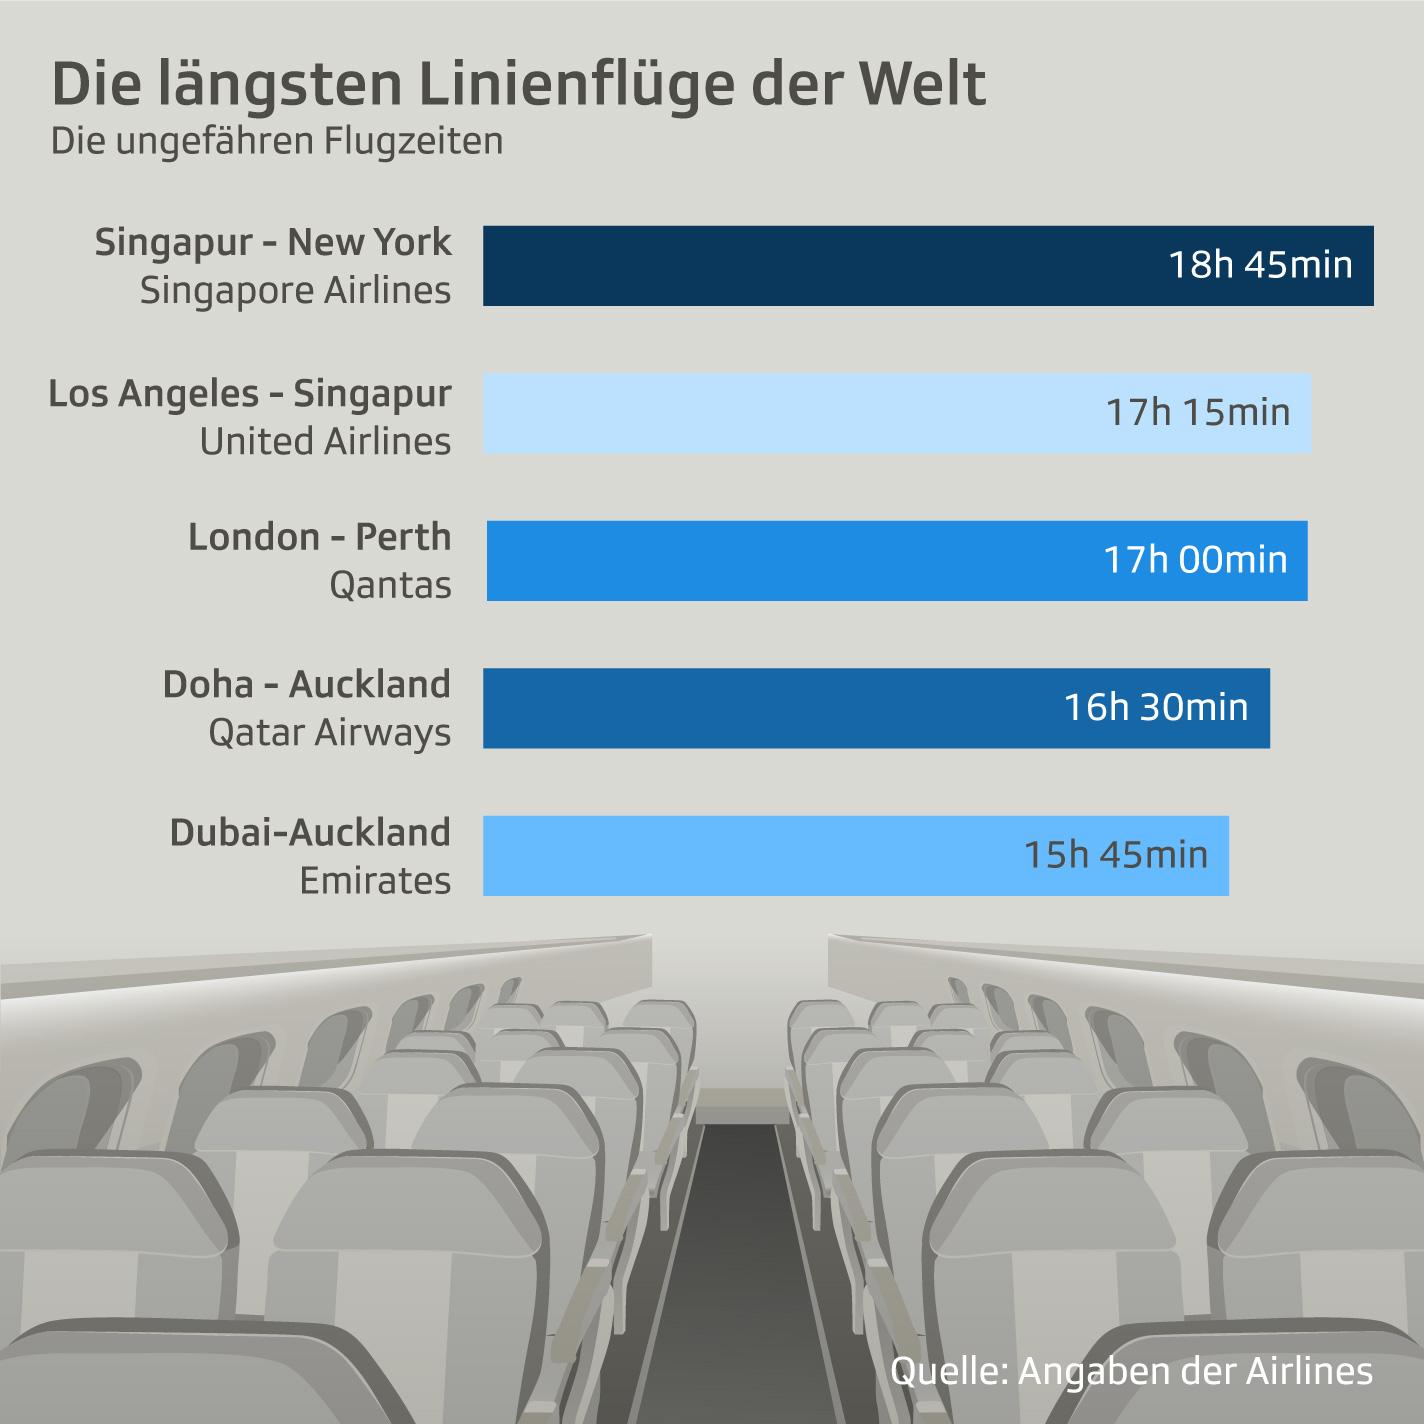 Flugzeiten der längsten Linienflüge